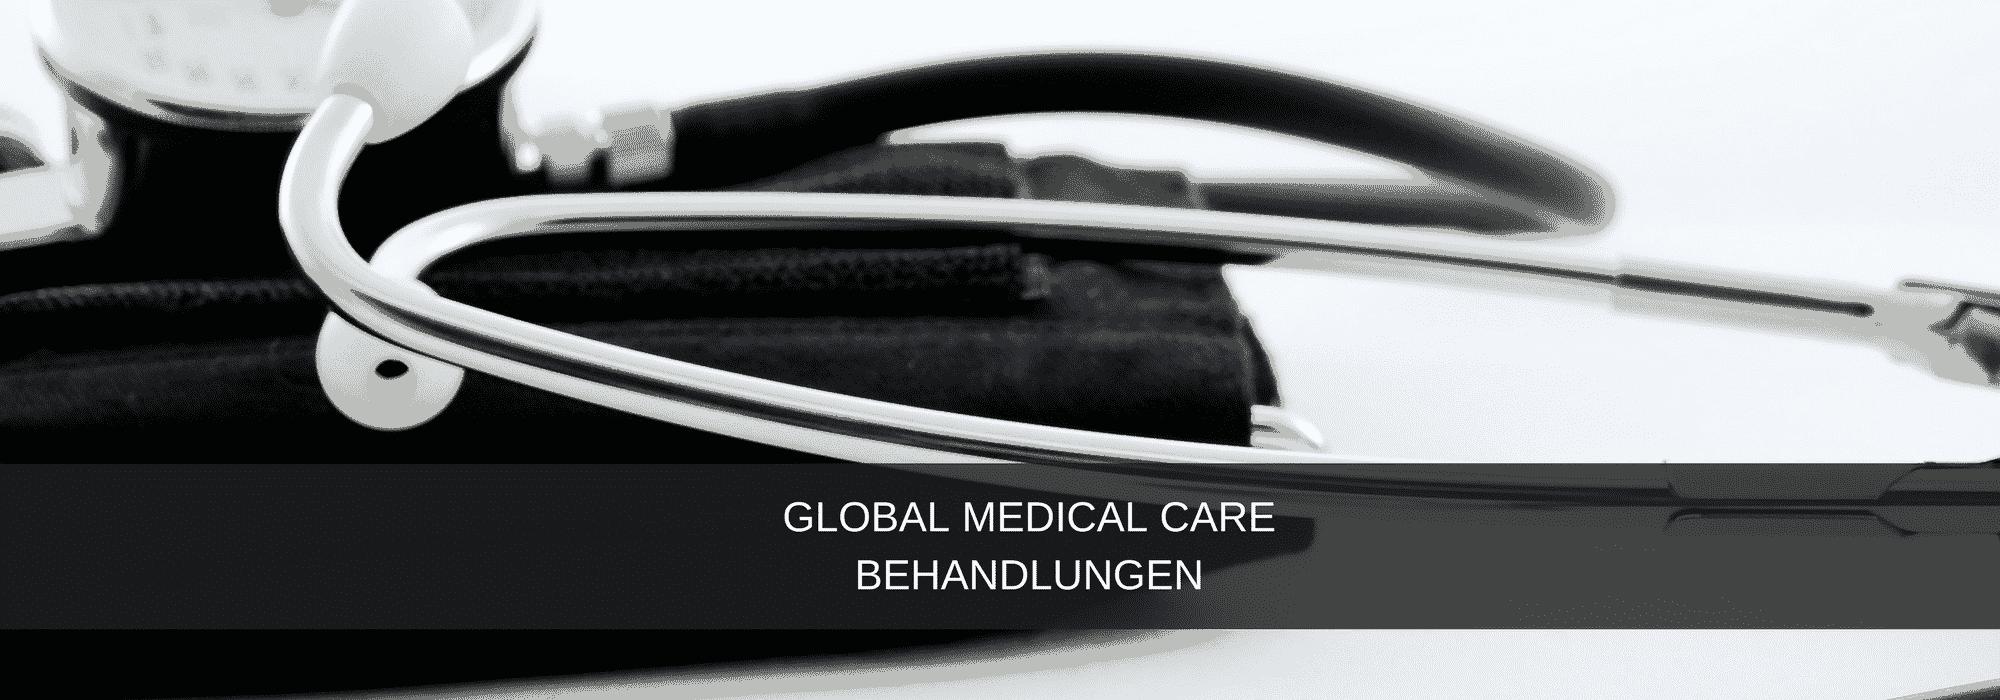 Behandlungen - Global Medical Care®